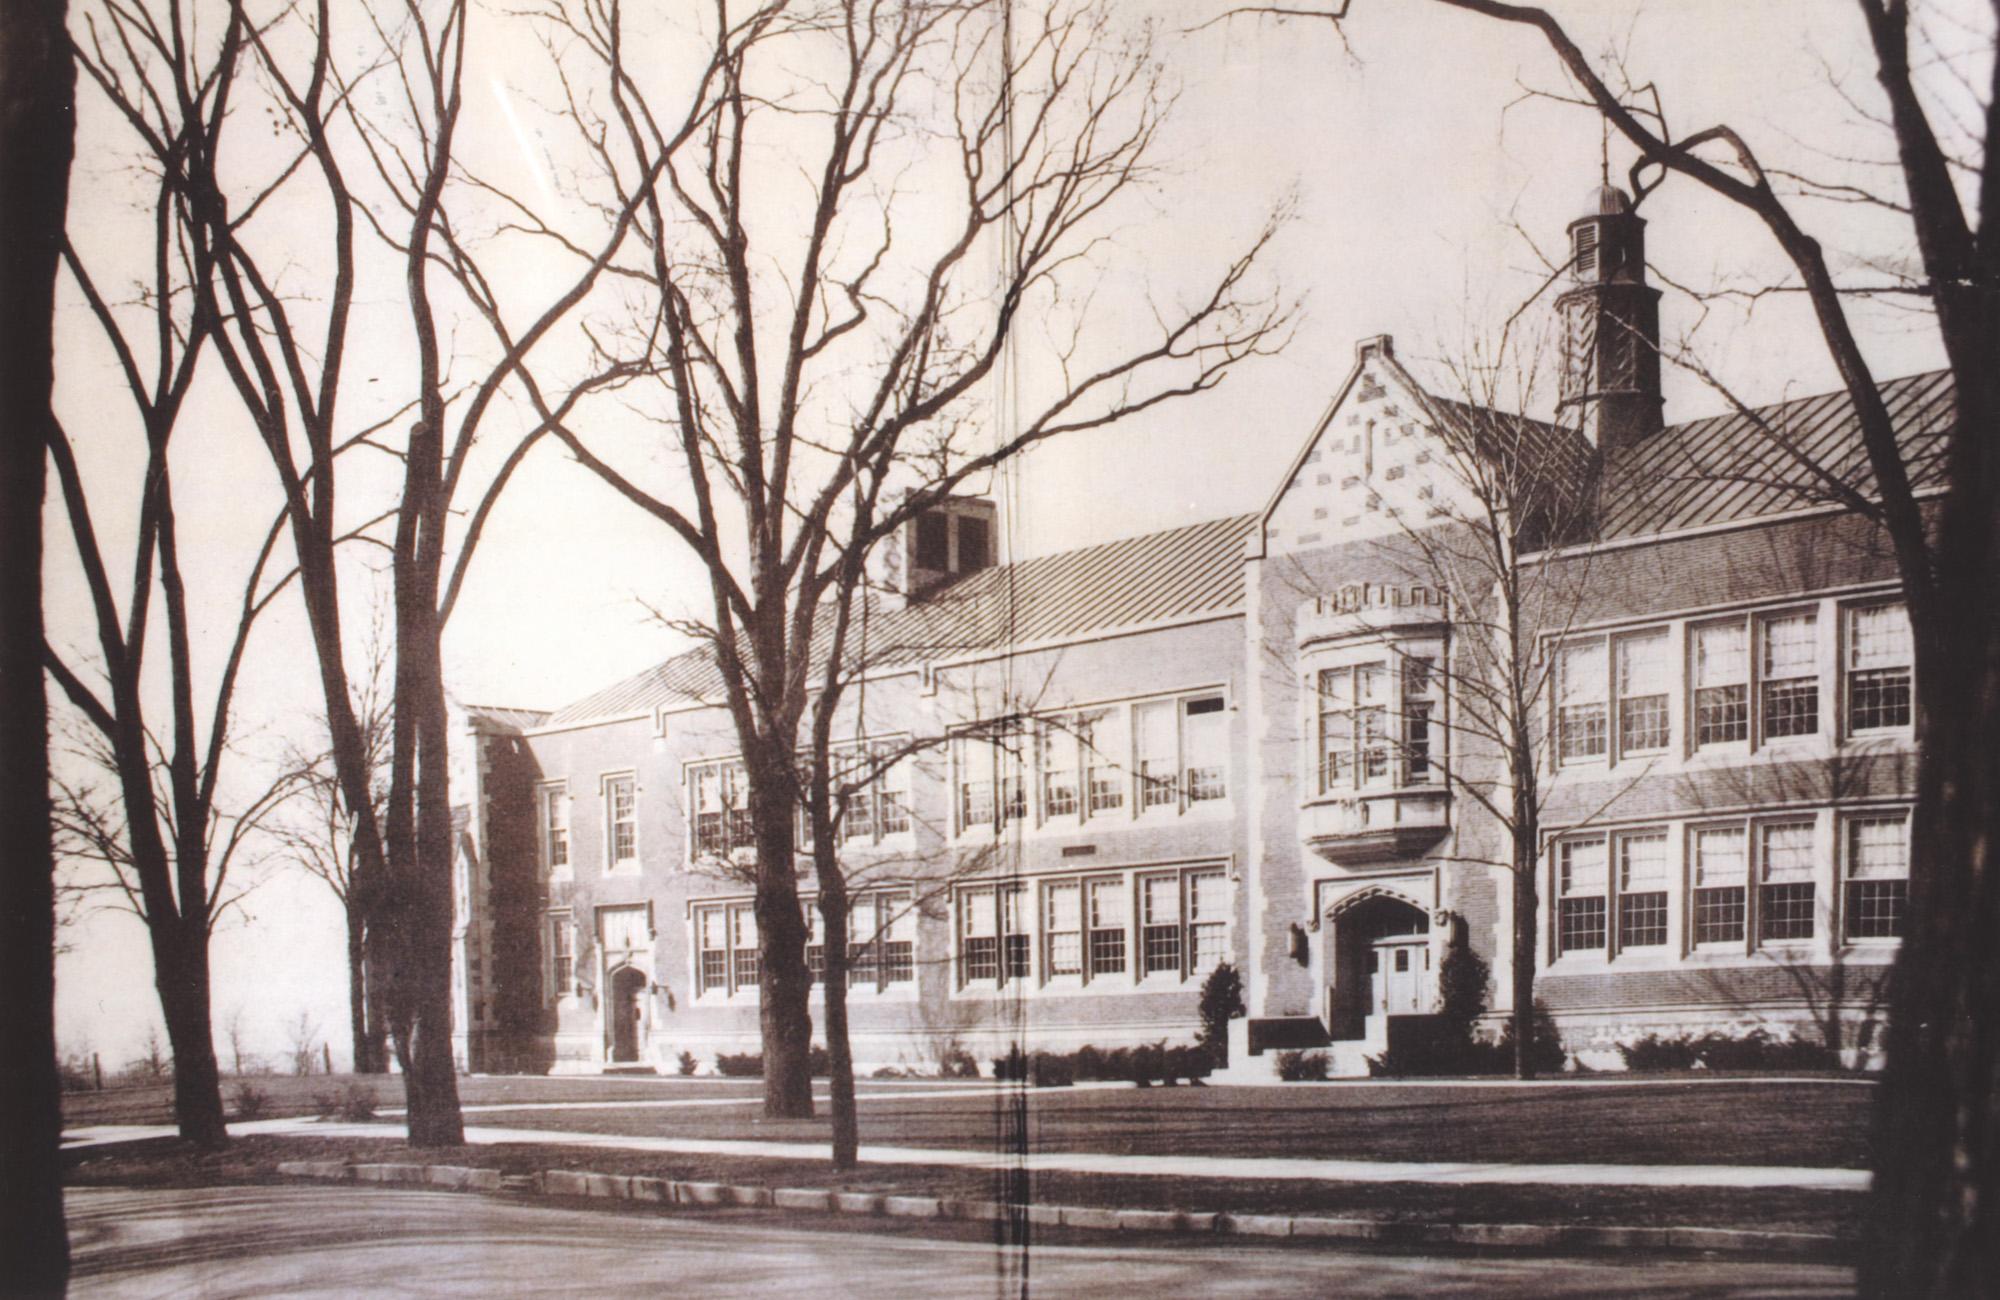 Winfield Holcomb School of Practice